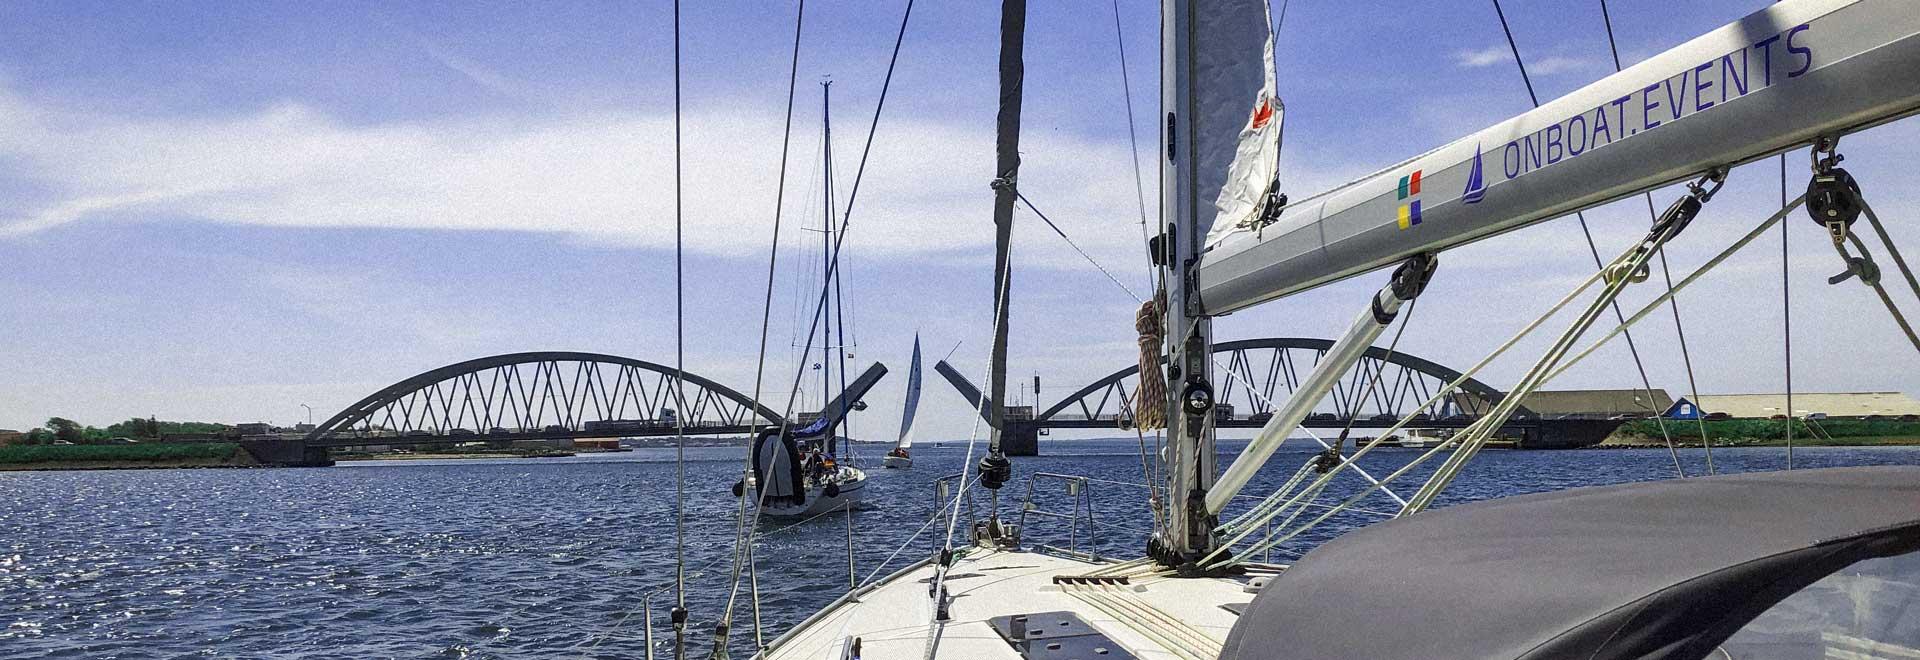 Skandinavischer Mittsommer auf See mit Sgelyacht im Hintergrund